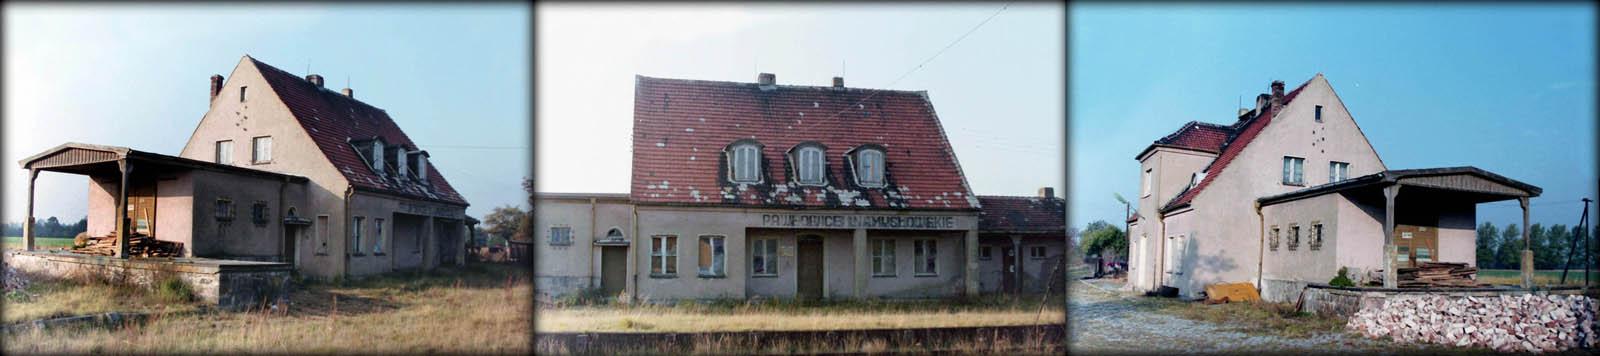 Stacja Pawłowice Namysłowskie w dniu 20.10.1992